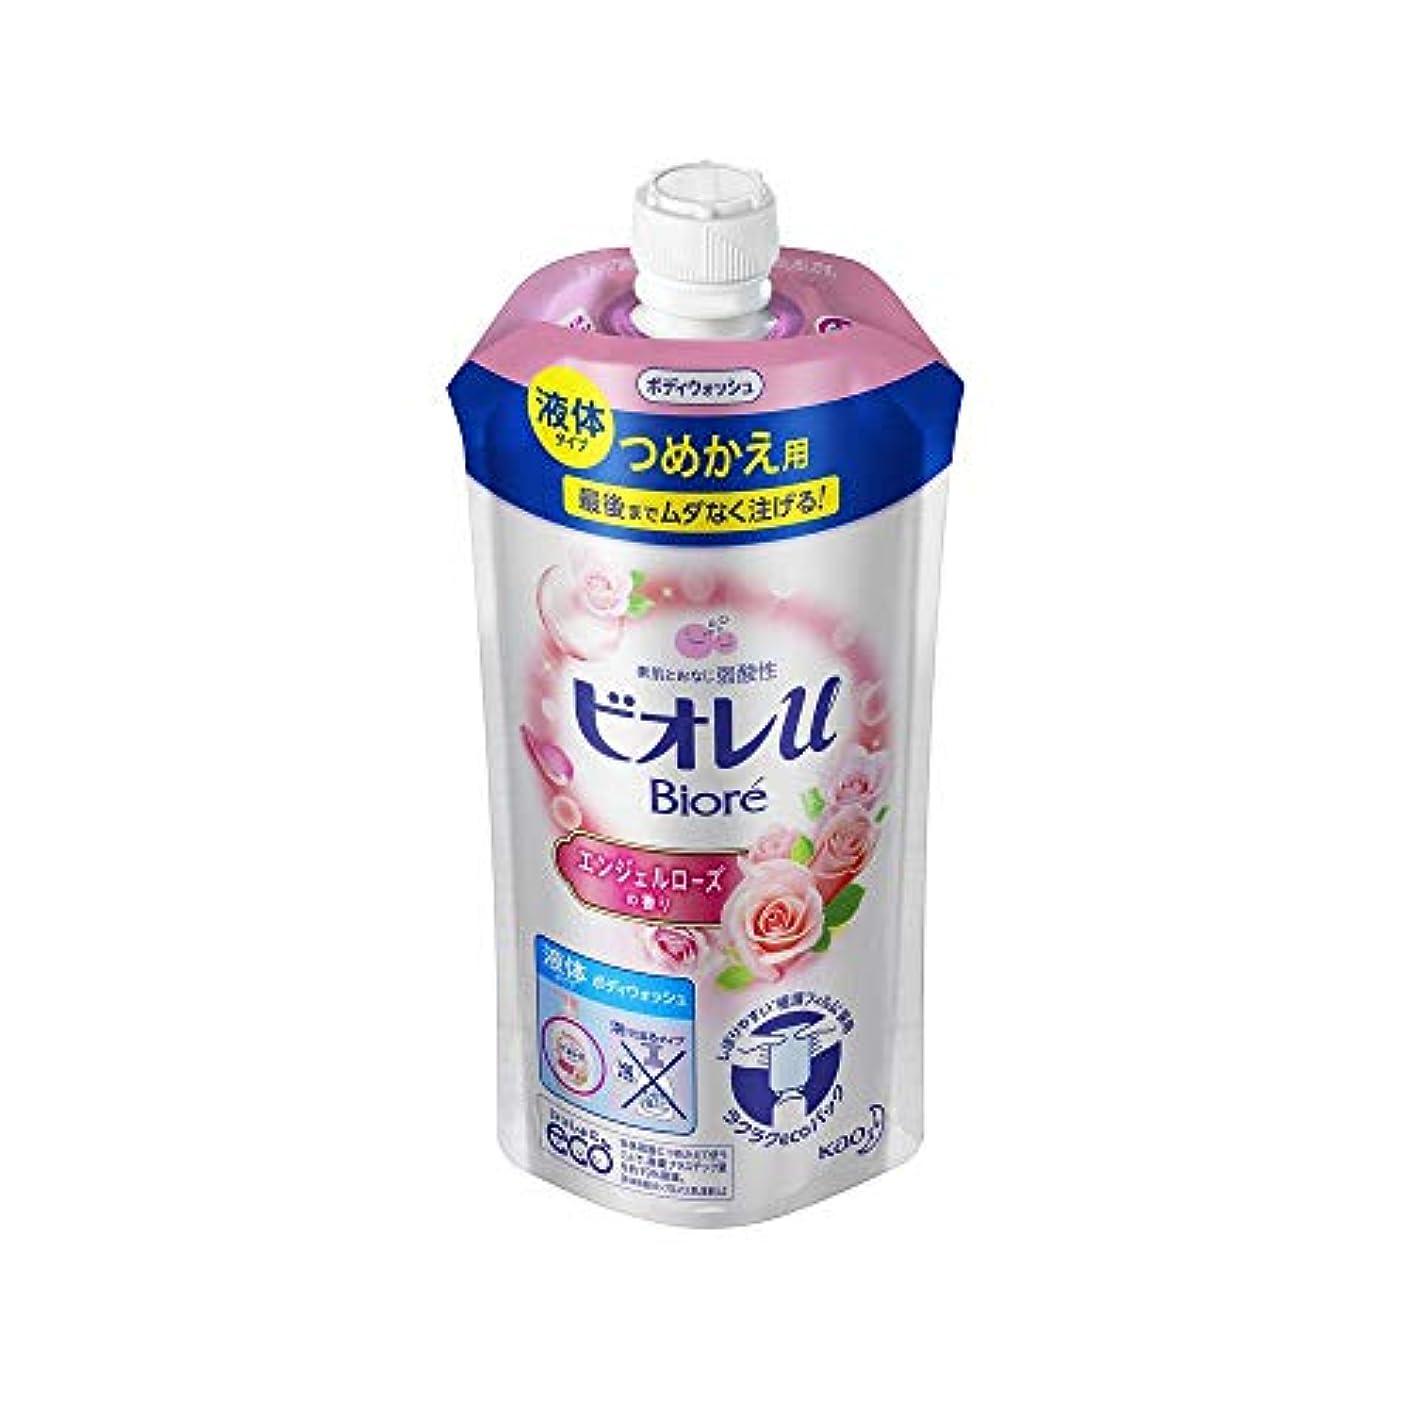 相談飛躍マルコポーロ花王 ビオレu エンジェルローズの香りつめかえ用 340ML